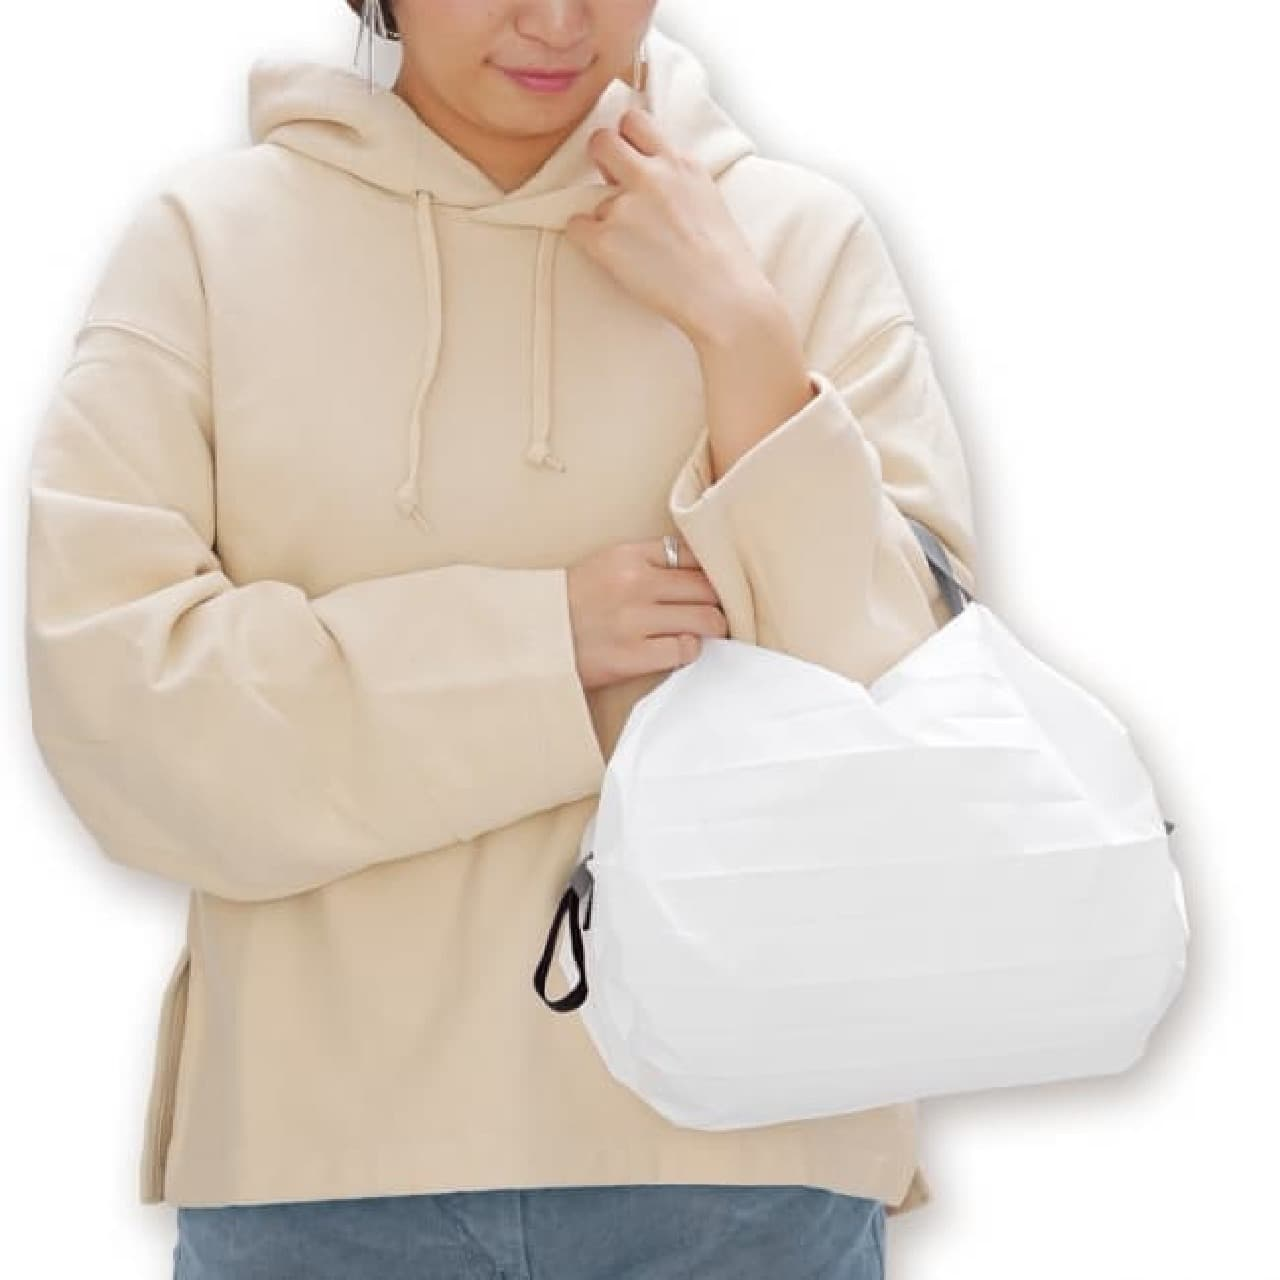 持ち運びやすさで人気のエコバッグShupatto(シュパット)